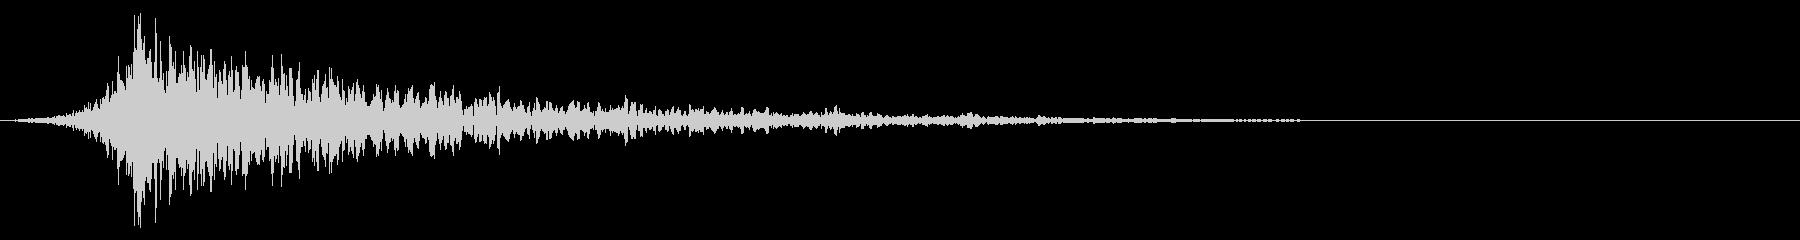 シュードーン-30-1(インパクト音)の未再生の波形